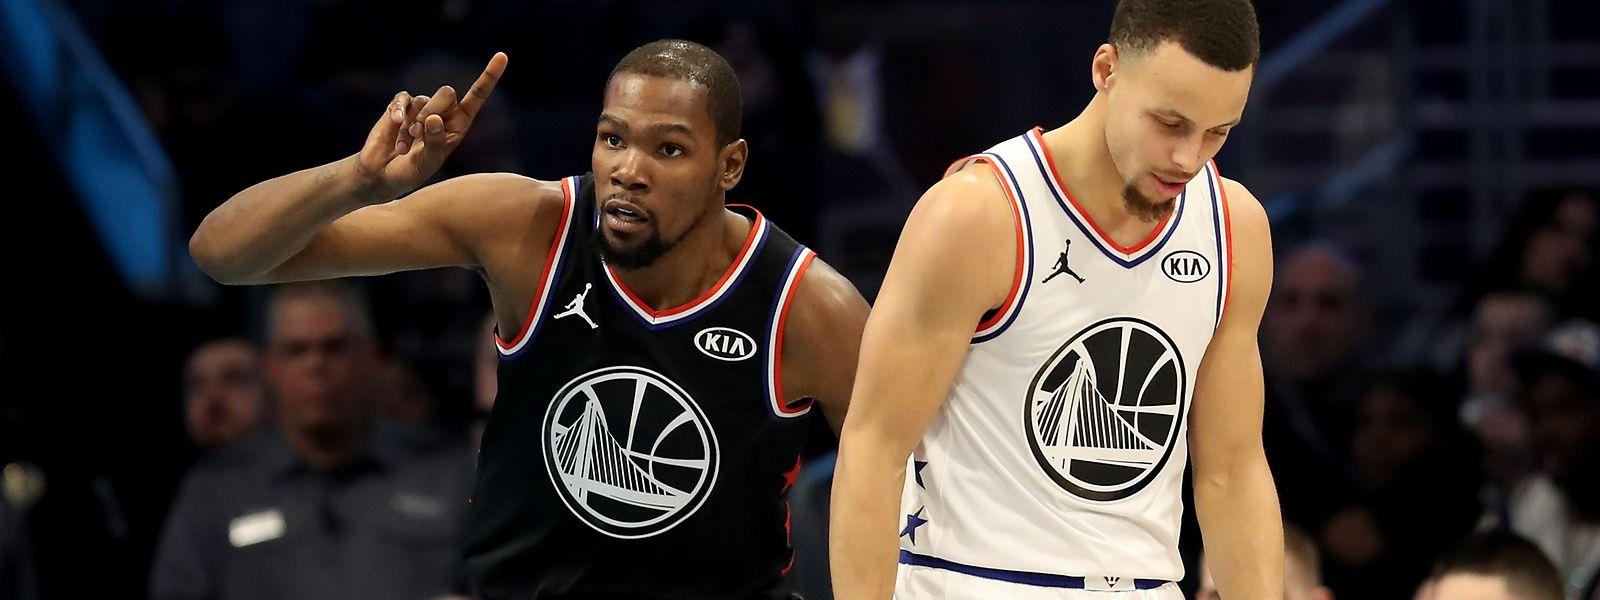 Kevin Durant (l.) und Stephen Curry sind normalerweise Teamkollegen. Das war in Charlotte anders.